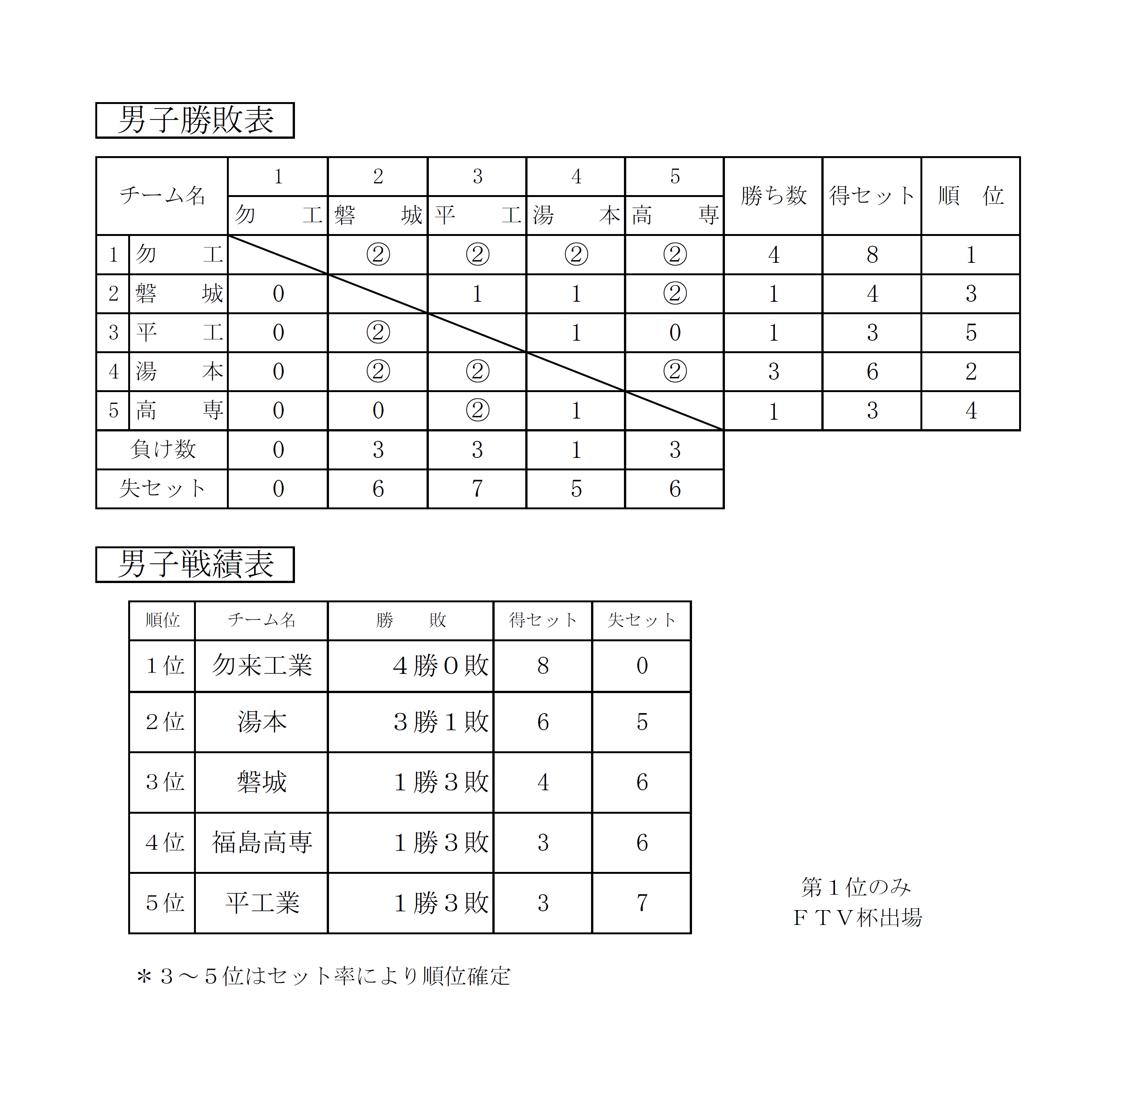 2020年度_全日本高校選手権_福島予選_いわき地区_男子_結果2